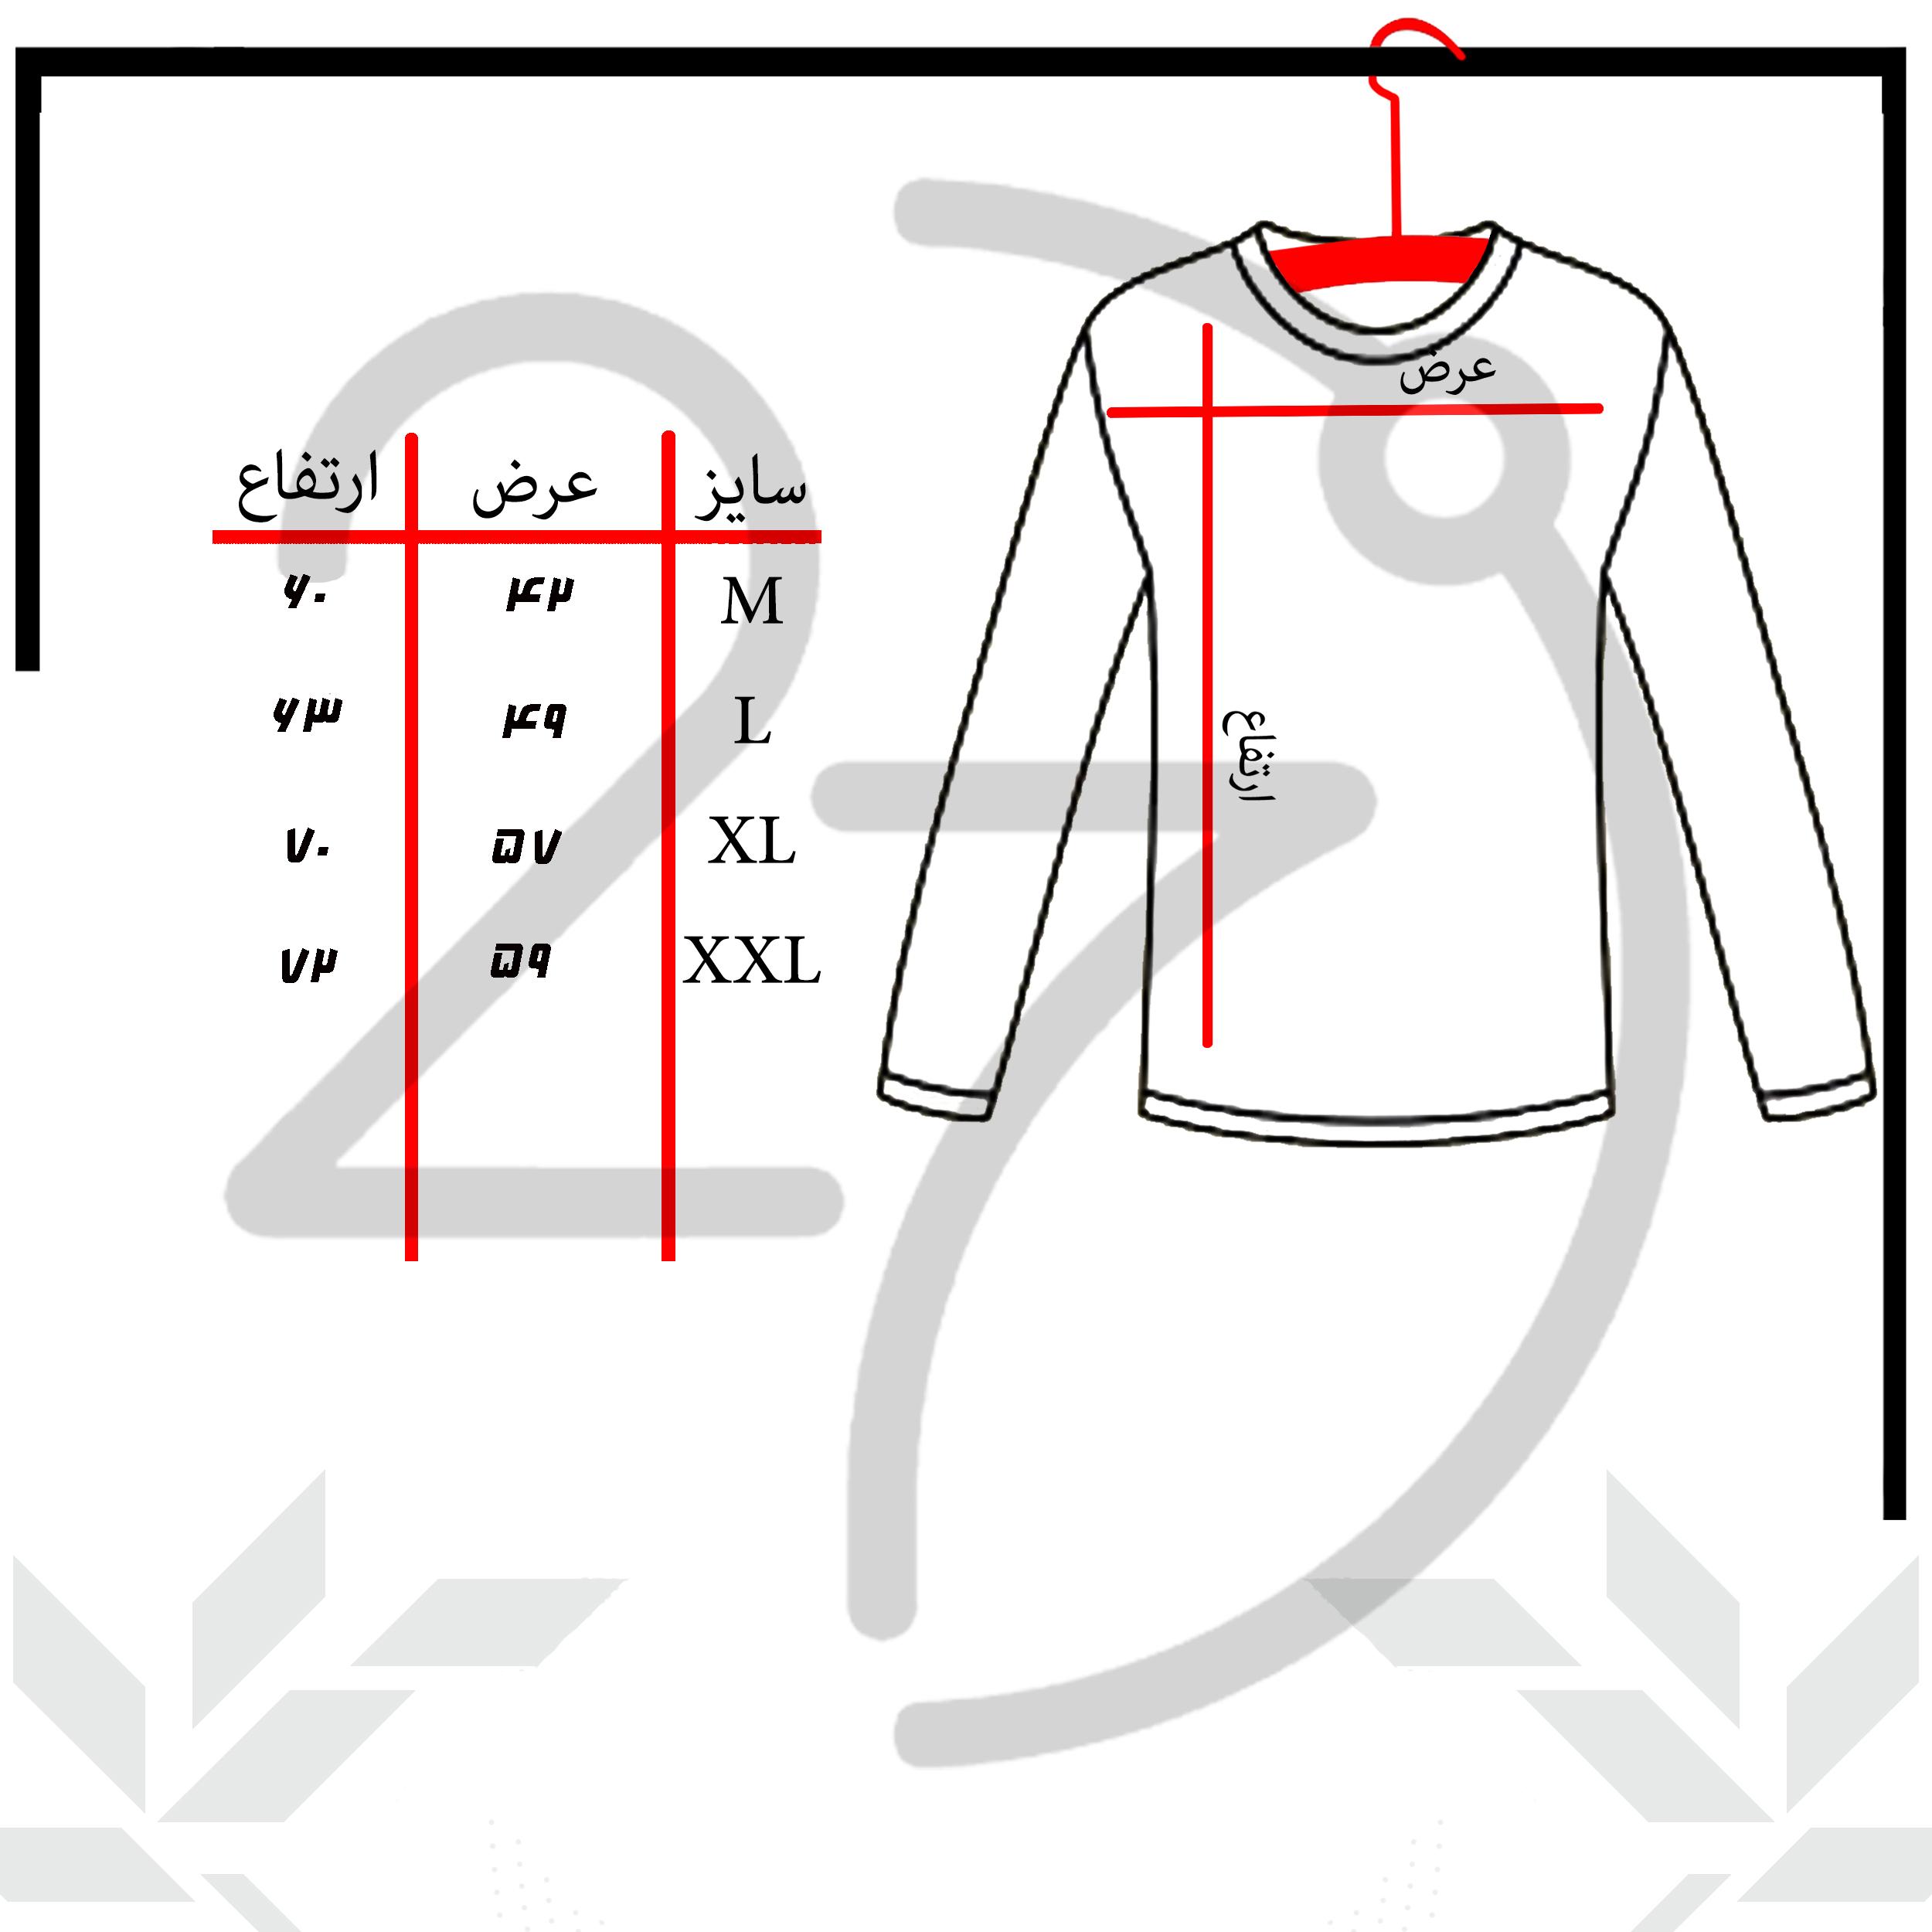 تی شرت آستین بلند زنانه 27 مدل پاندا کد B120